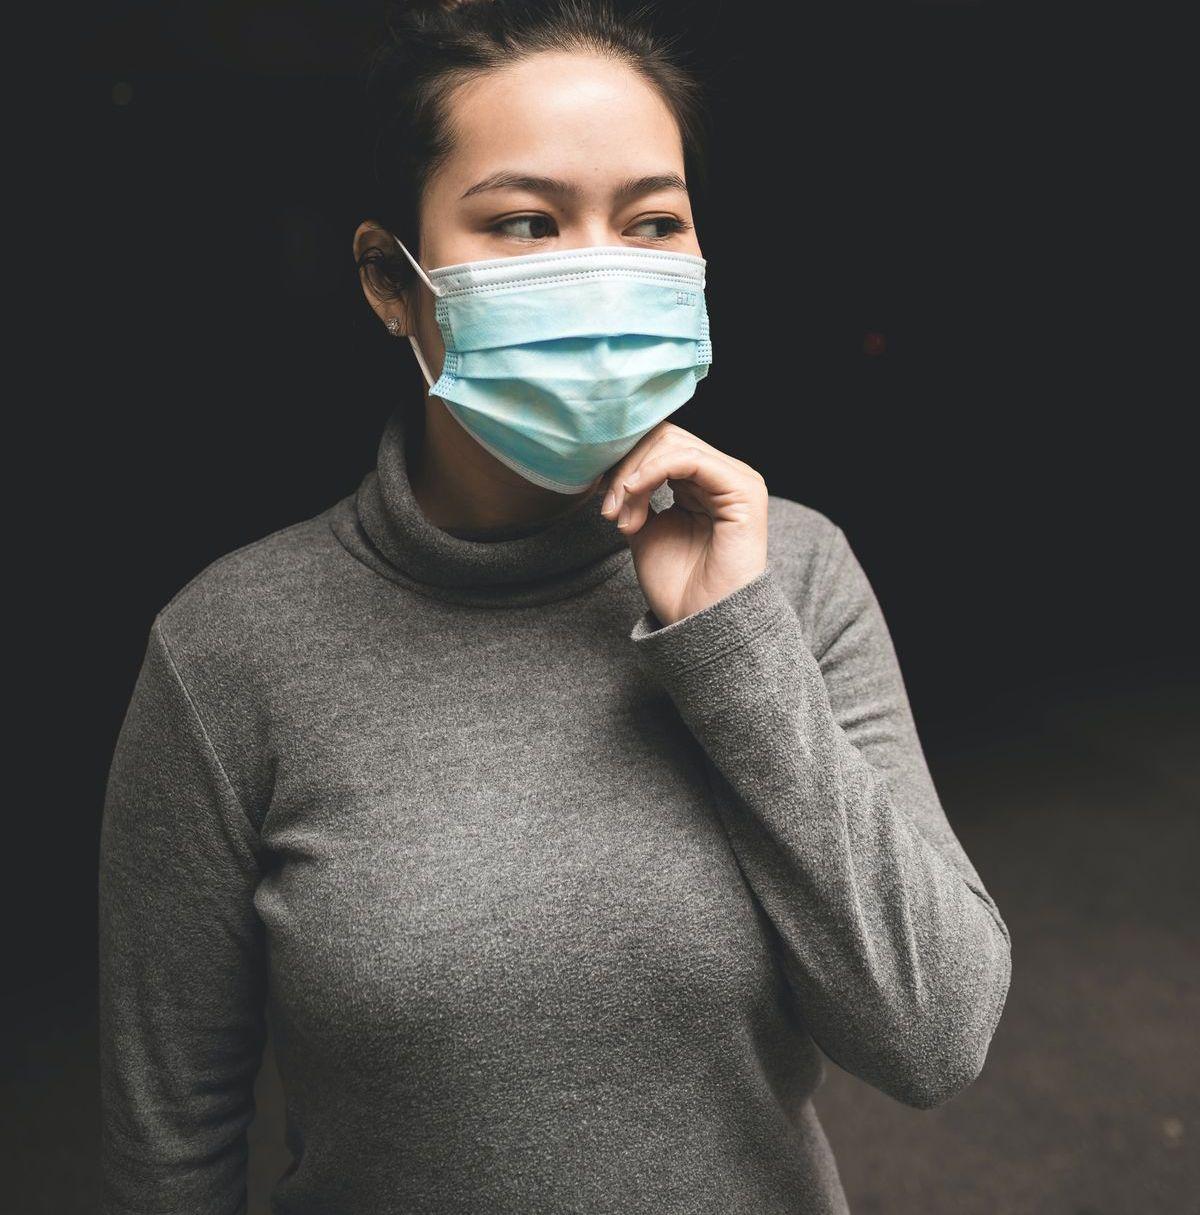 Blog bietet Schutzmasken und Desinfektionsmittel an